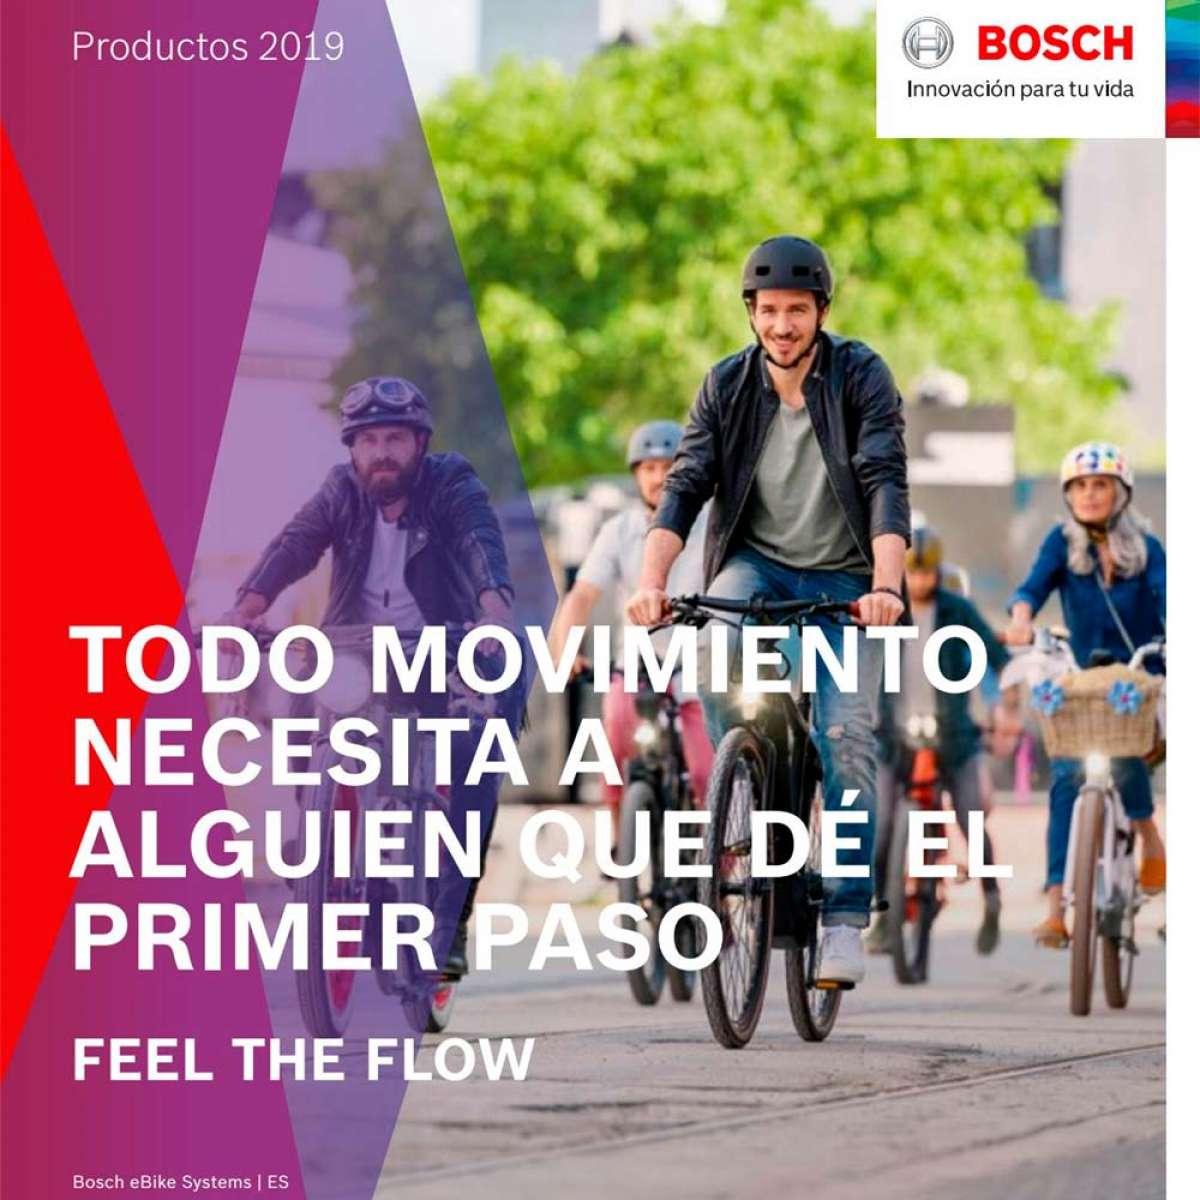 Catálogo de Bosch eBike 2019, toda la gama de motores, baterías y accesorios de la firma alemana